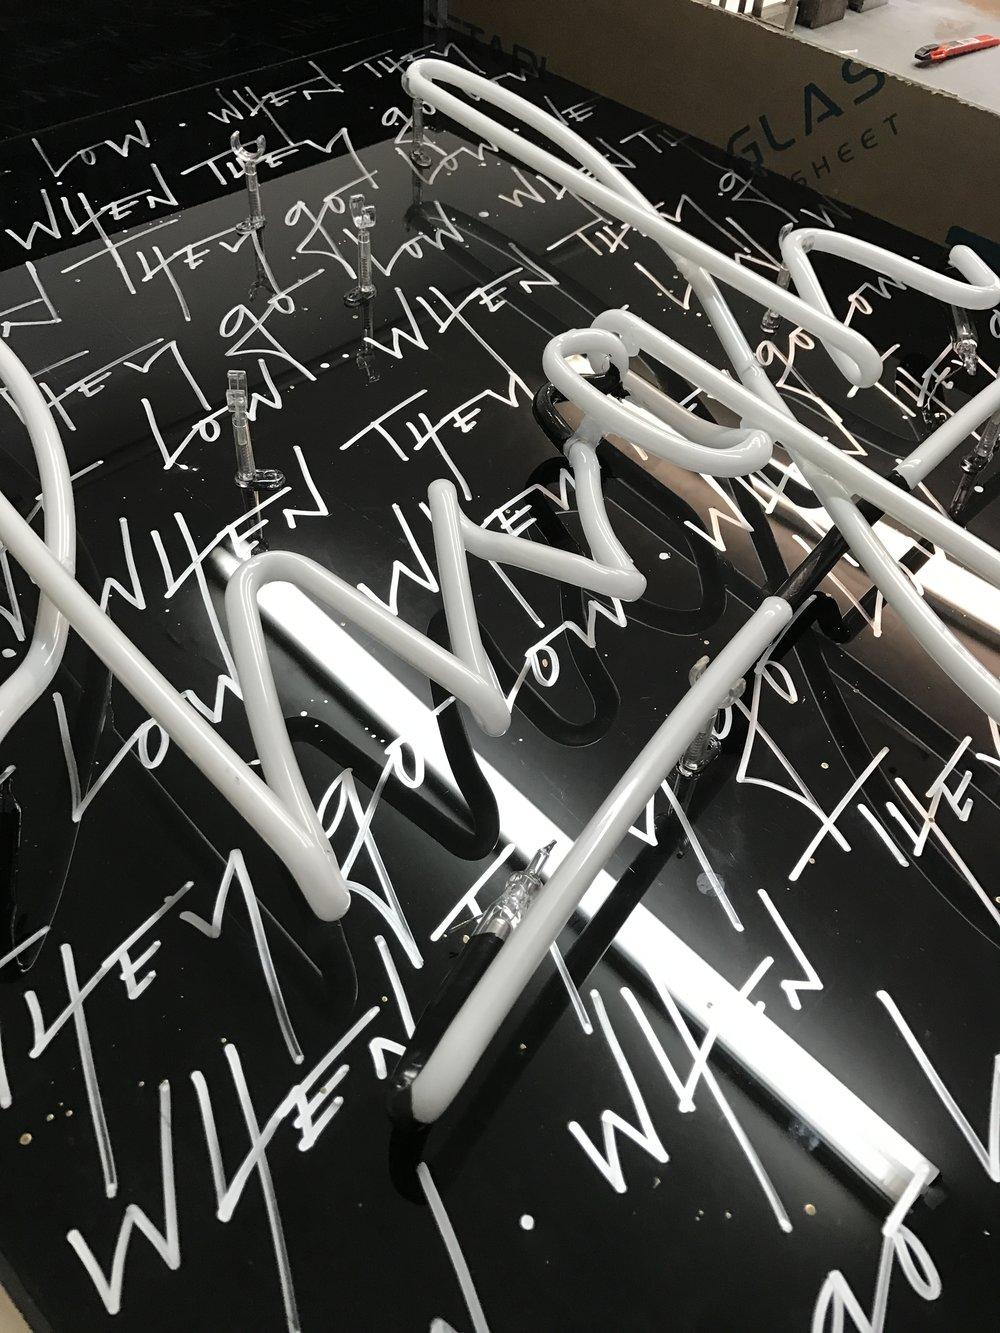 cr-eate-neon-art-calligraphy.JPG